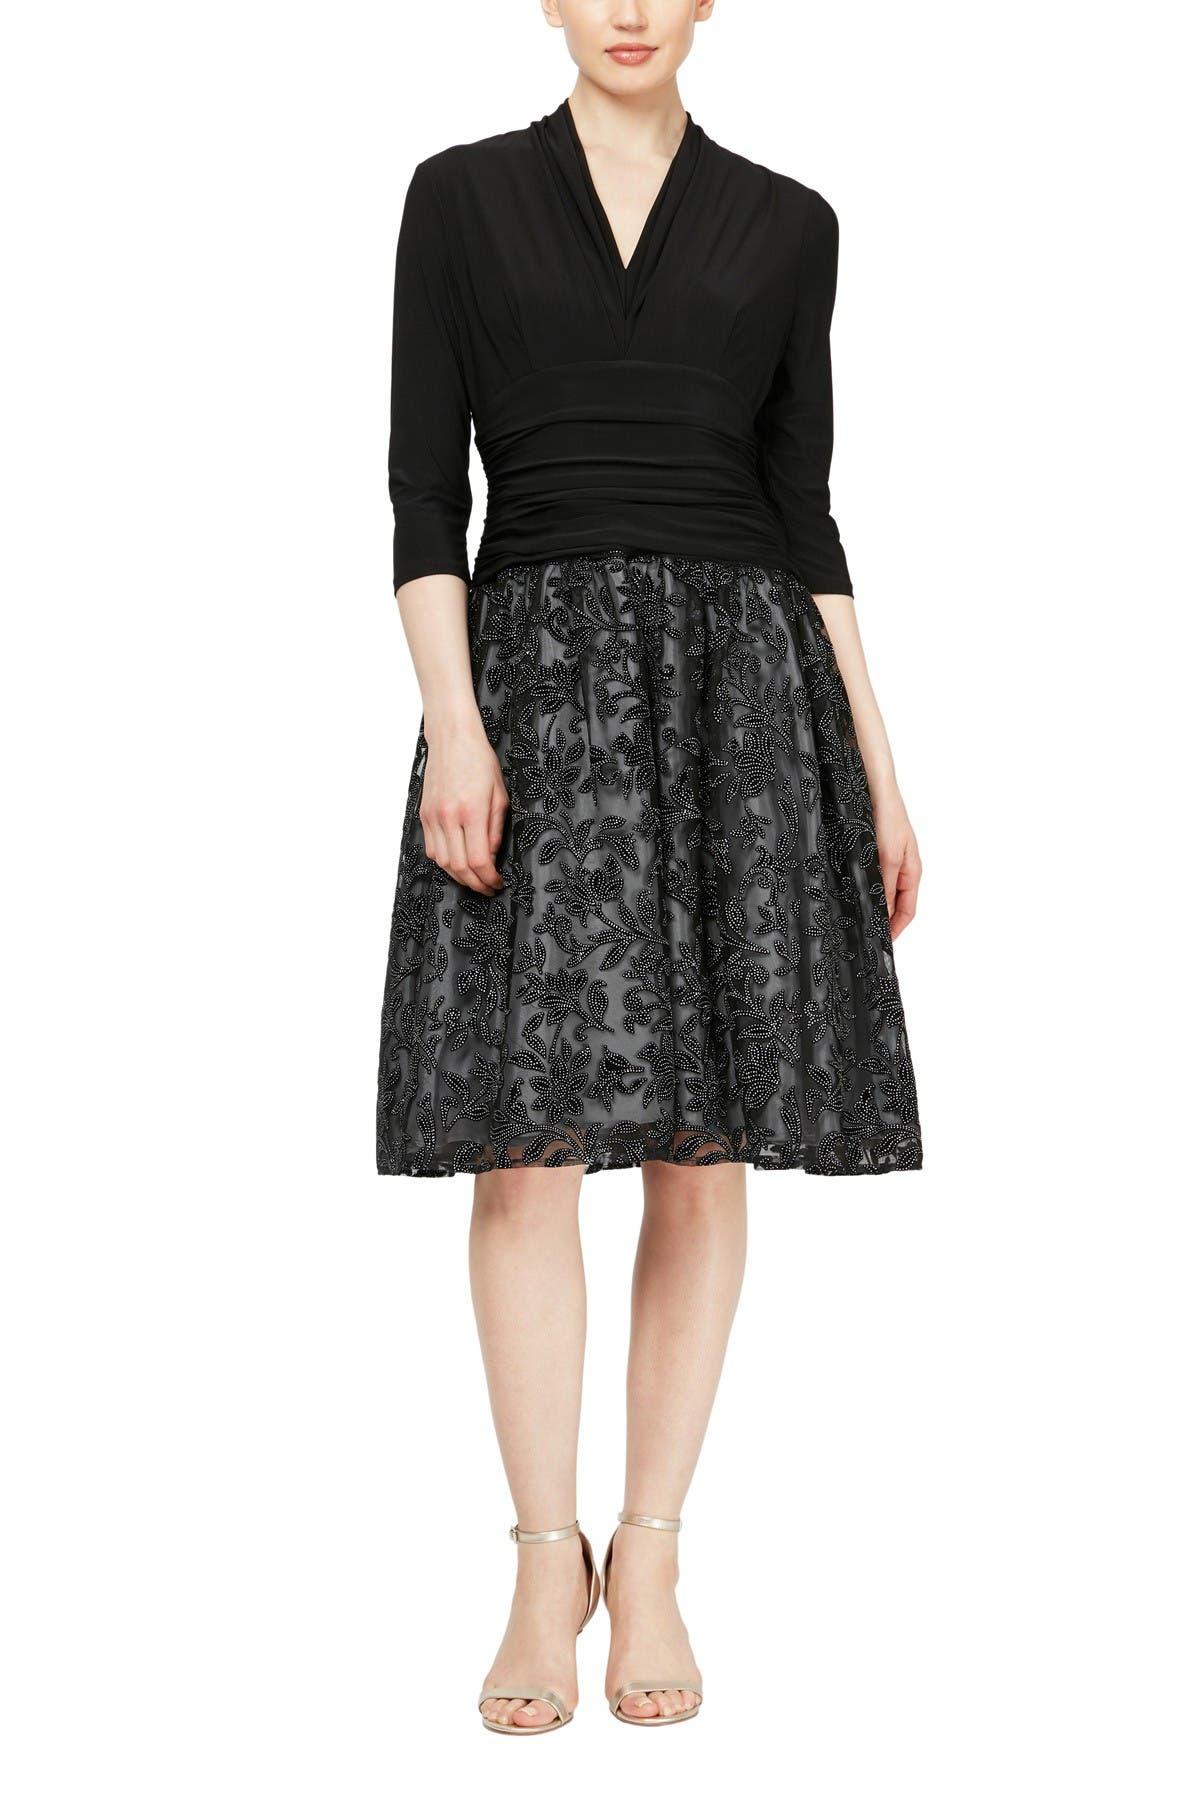 Image of SL Fashions Beaded Flocked Velvet Skirt Dress